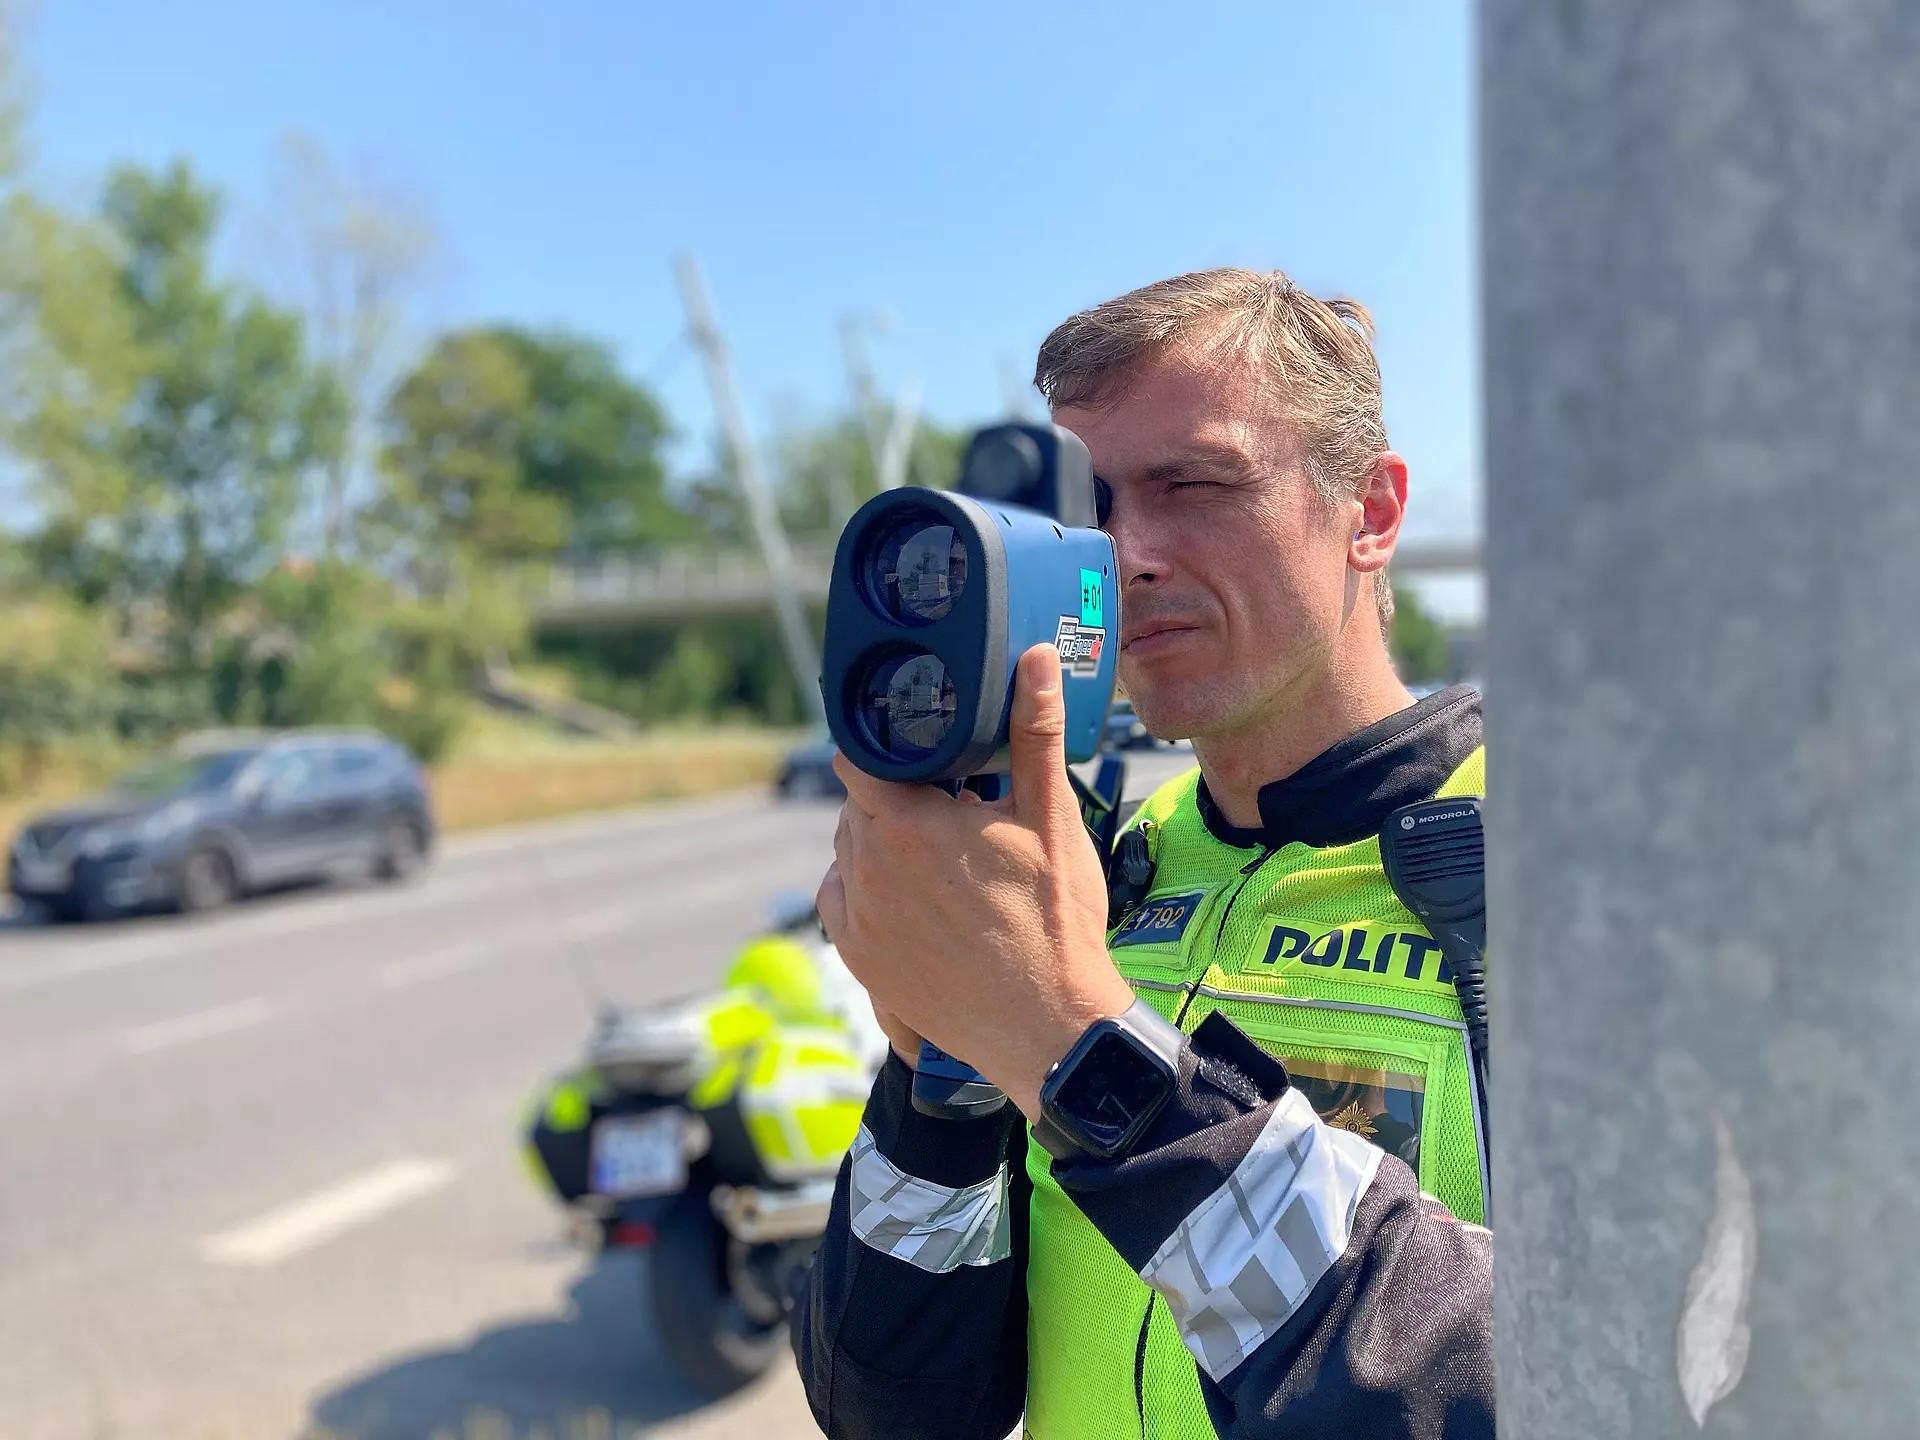 Politiet har fået nye og bedre lasere, der fra længere afstand end de gamle kan fartmåle blandt andet vanvidsbilister. Twitterfoto fra Københavns Politi.